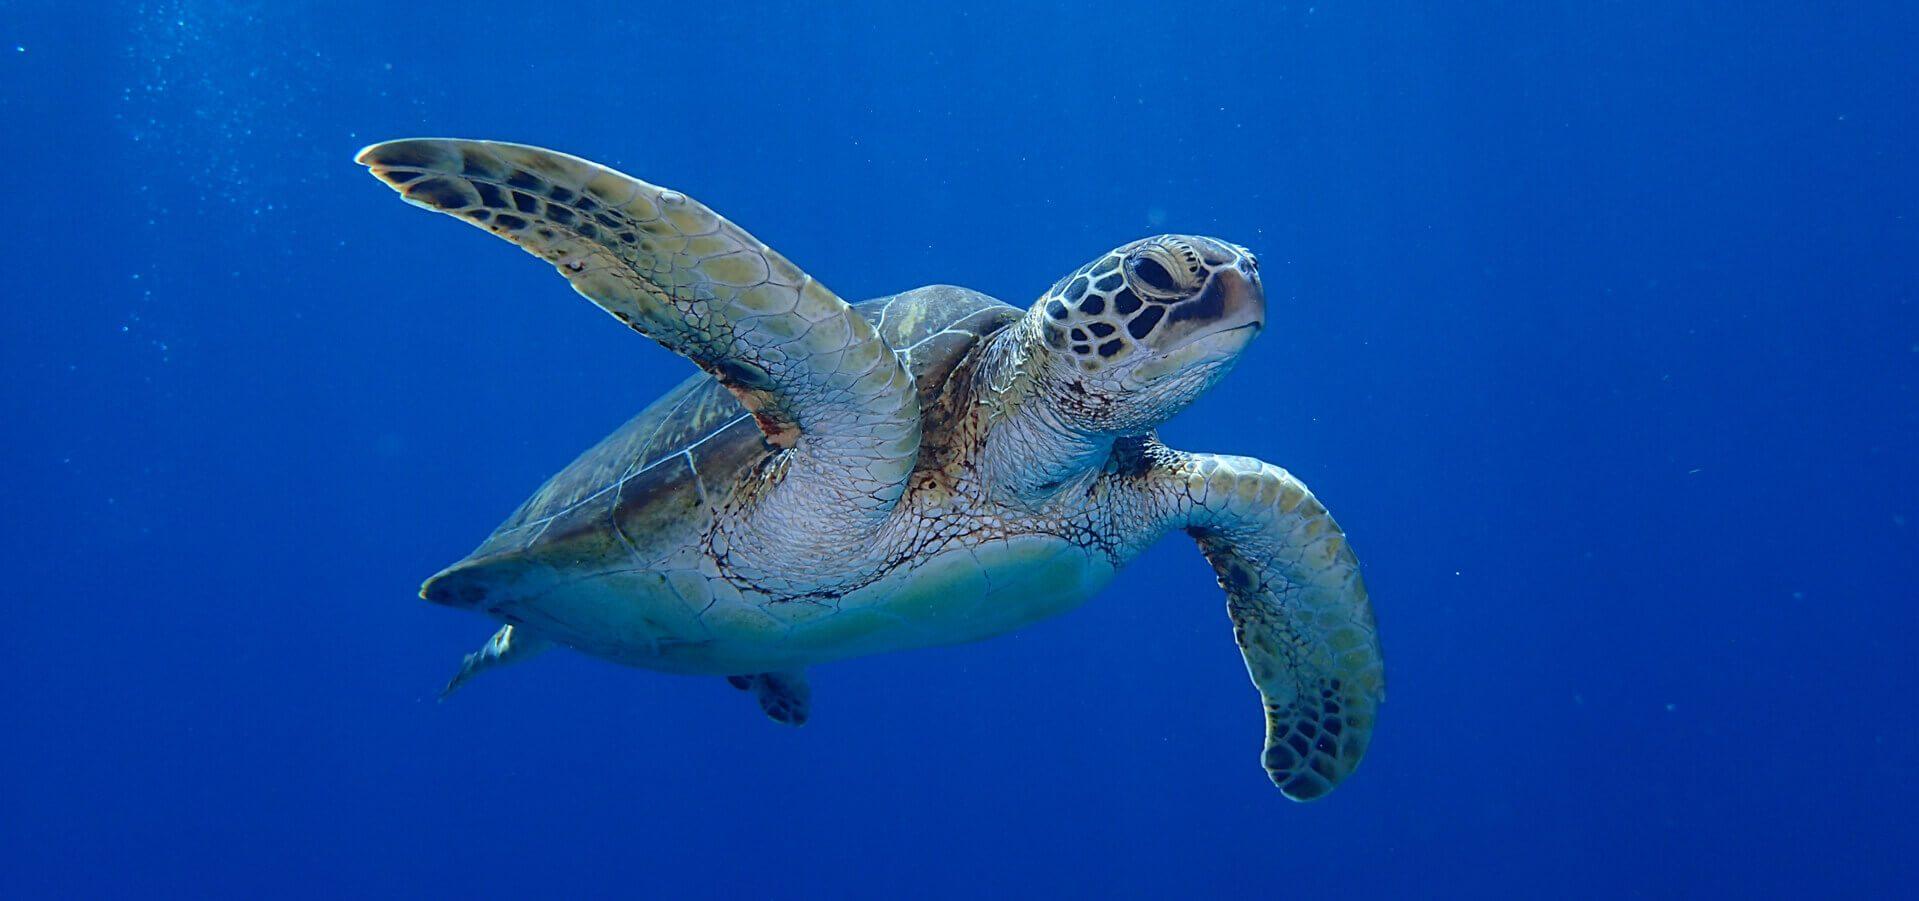 沖縄のダイビングスポットで好評のウミガメ